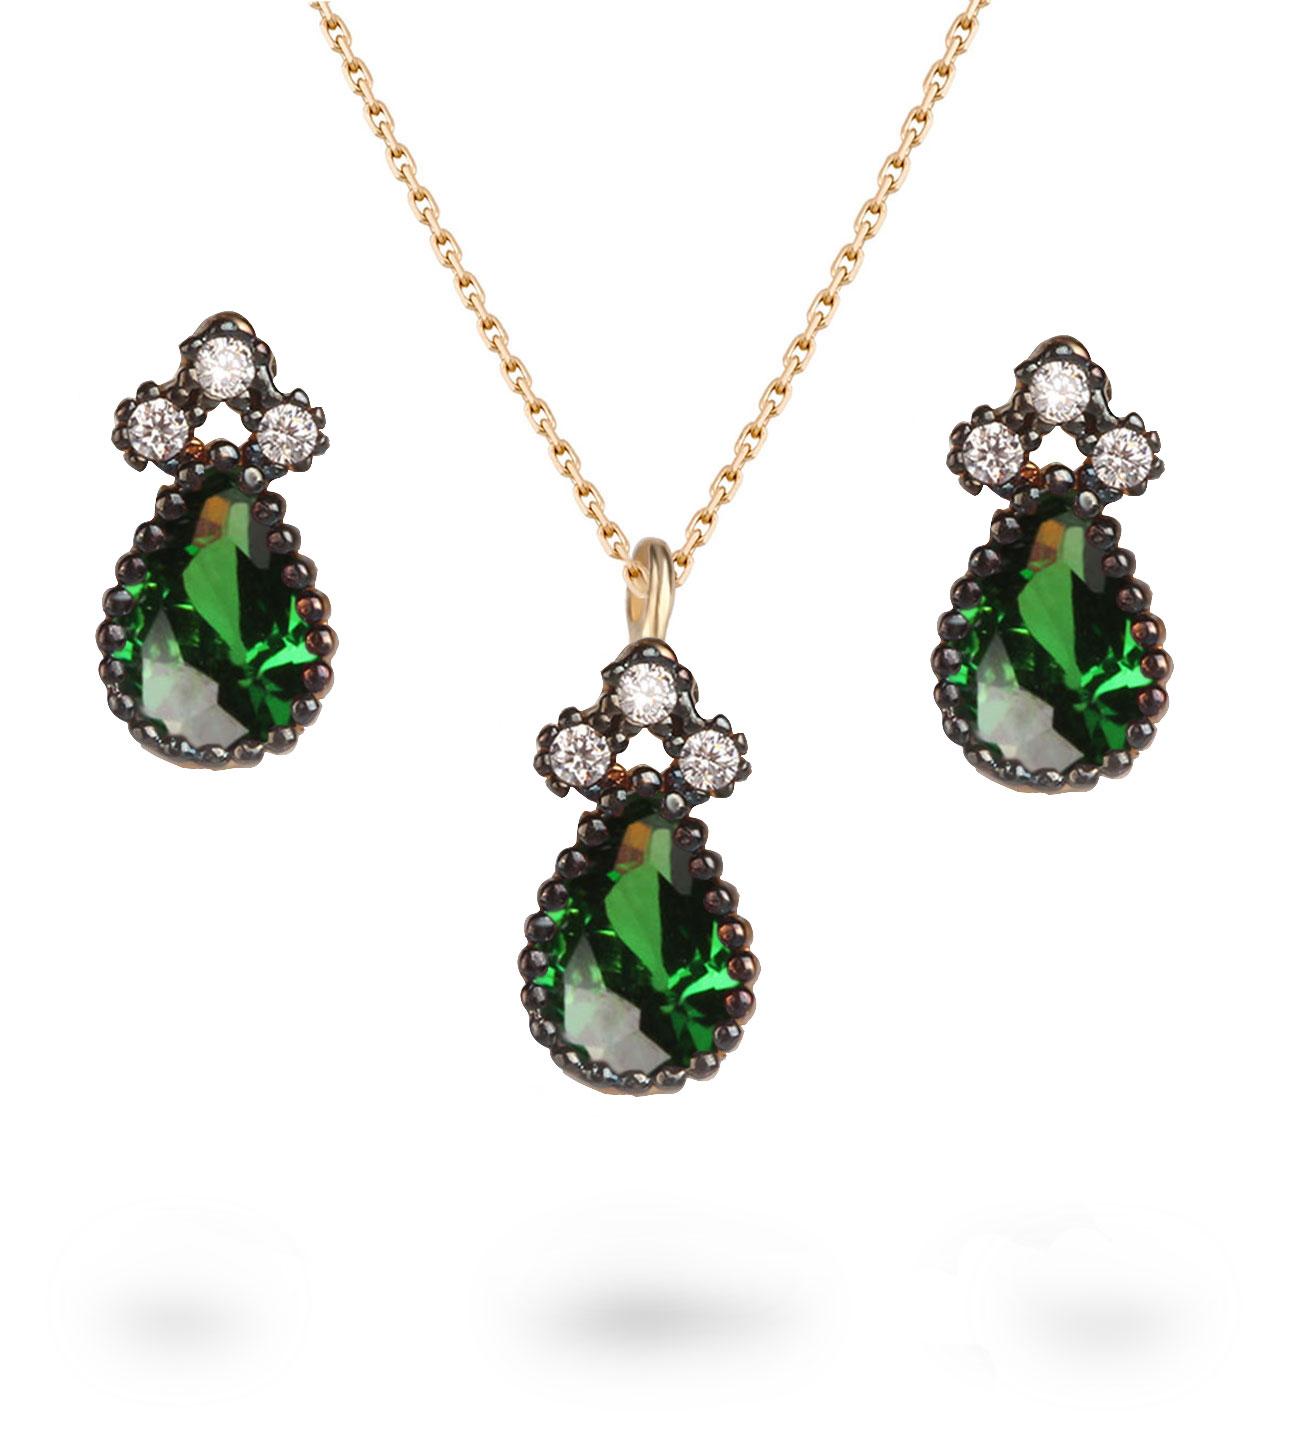 Women's Green Zircon Gemmed Gold Necklace & Earrings Set